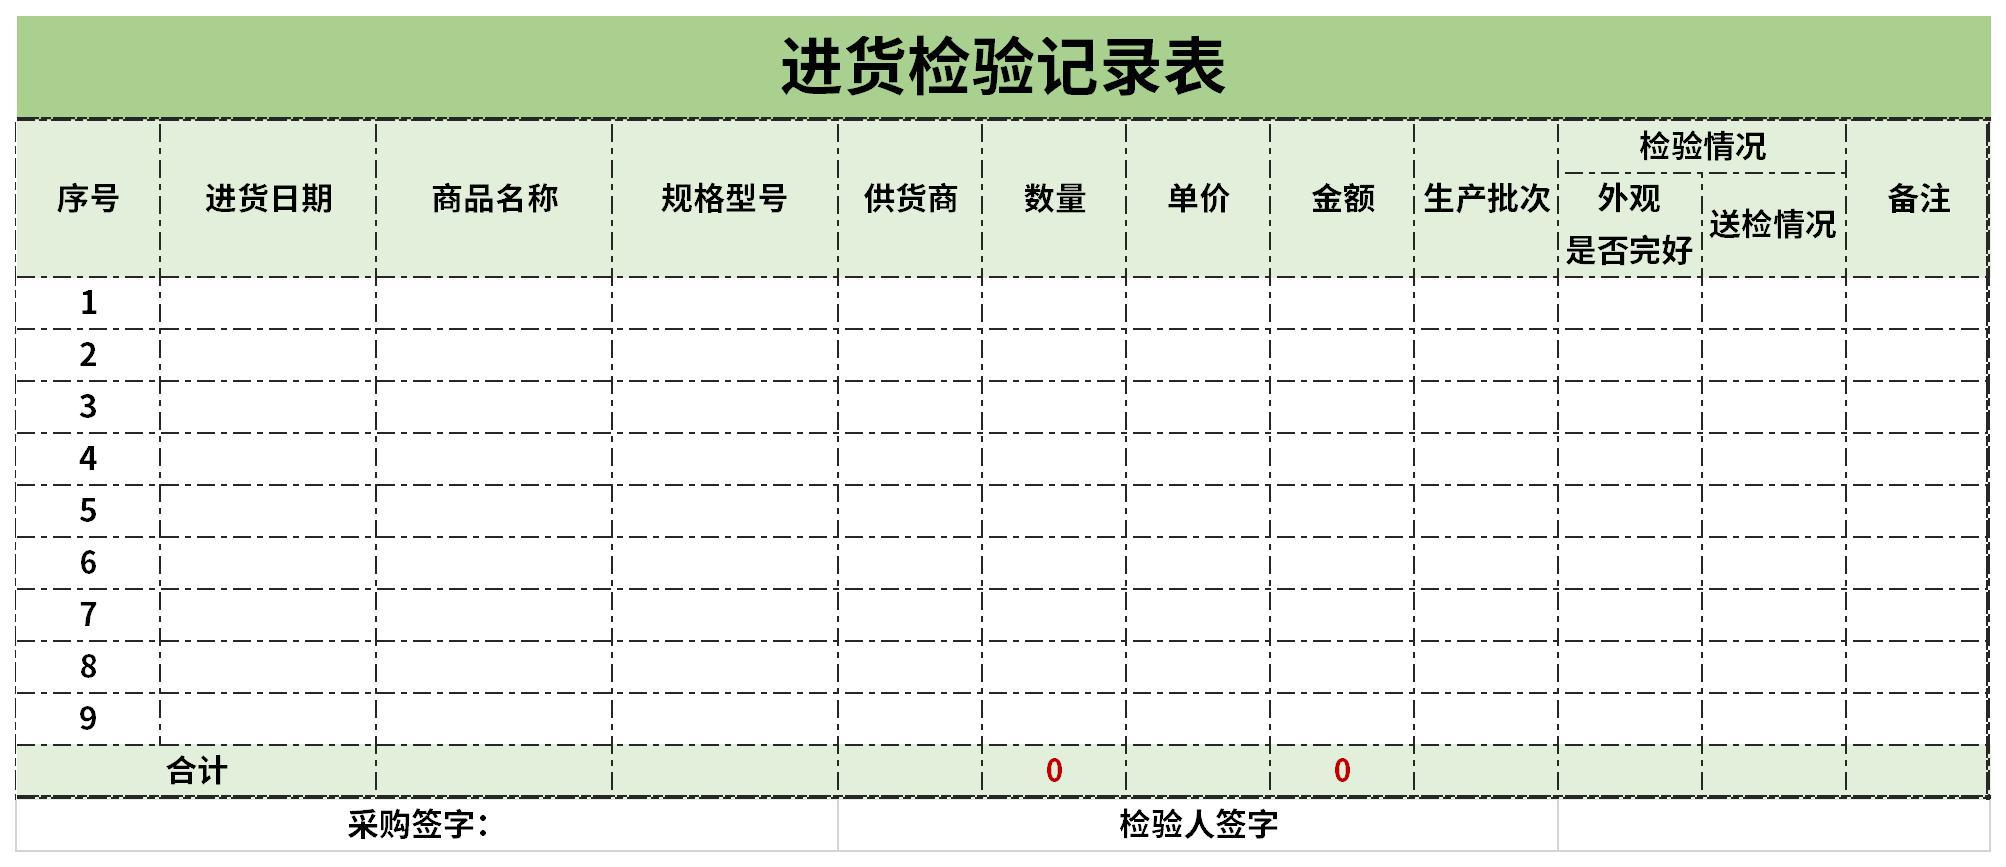 进货检验记录表截图